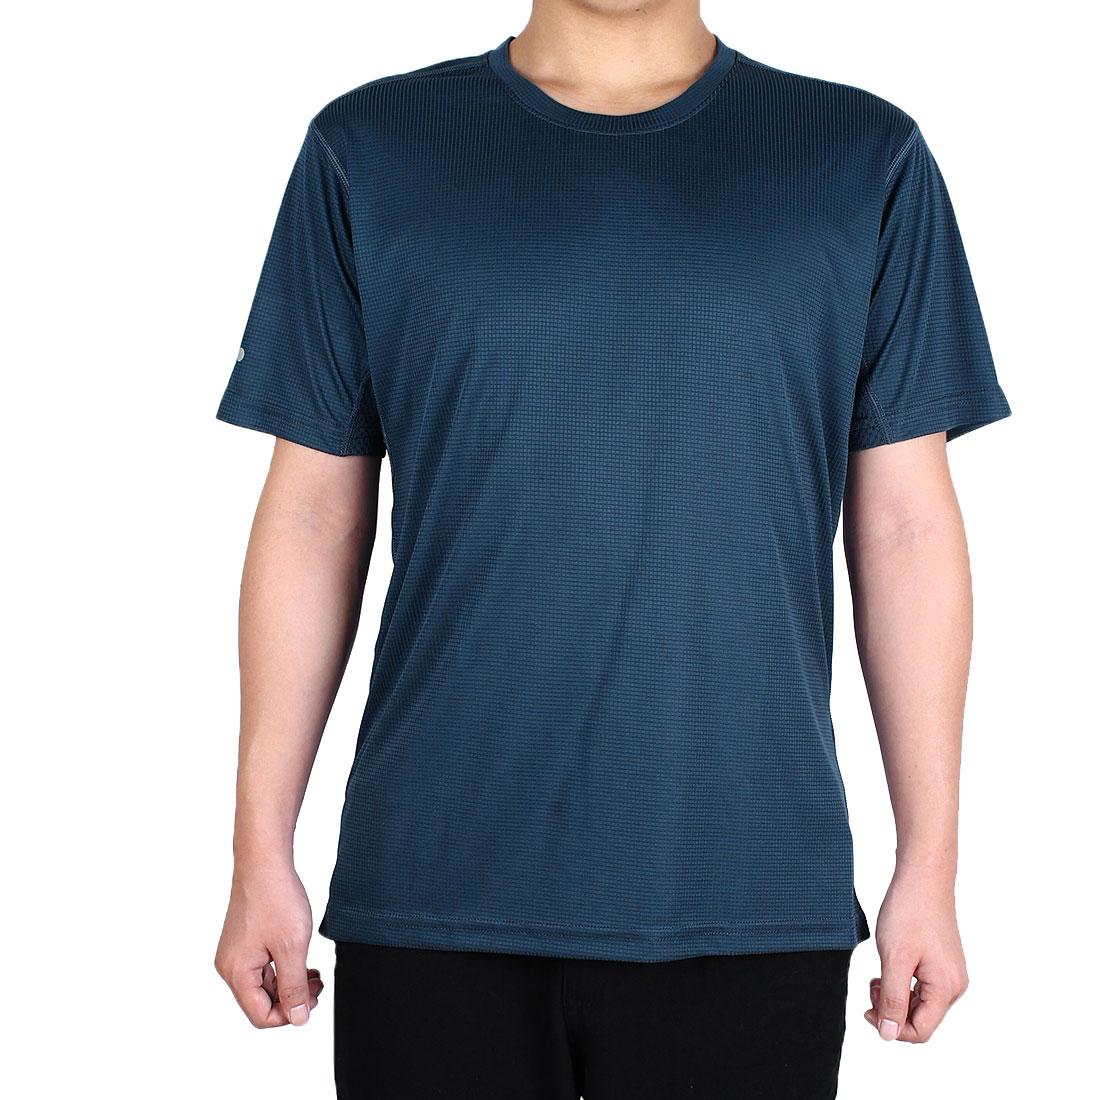 Men Short Sleeve Clothes Casual Wear Tee Golf Tennis Sports T-shirt Navy Blue XL